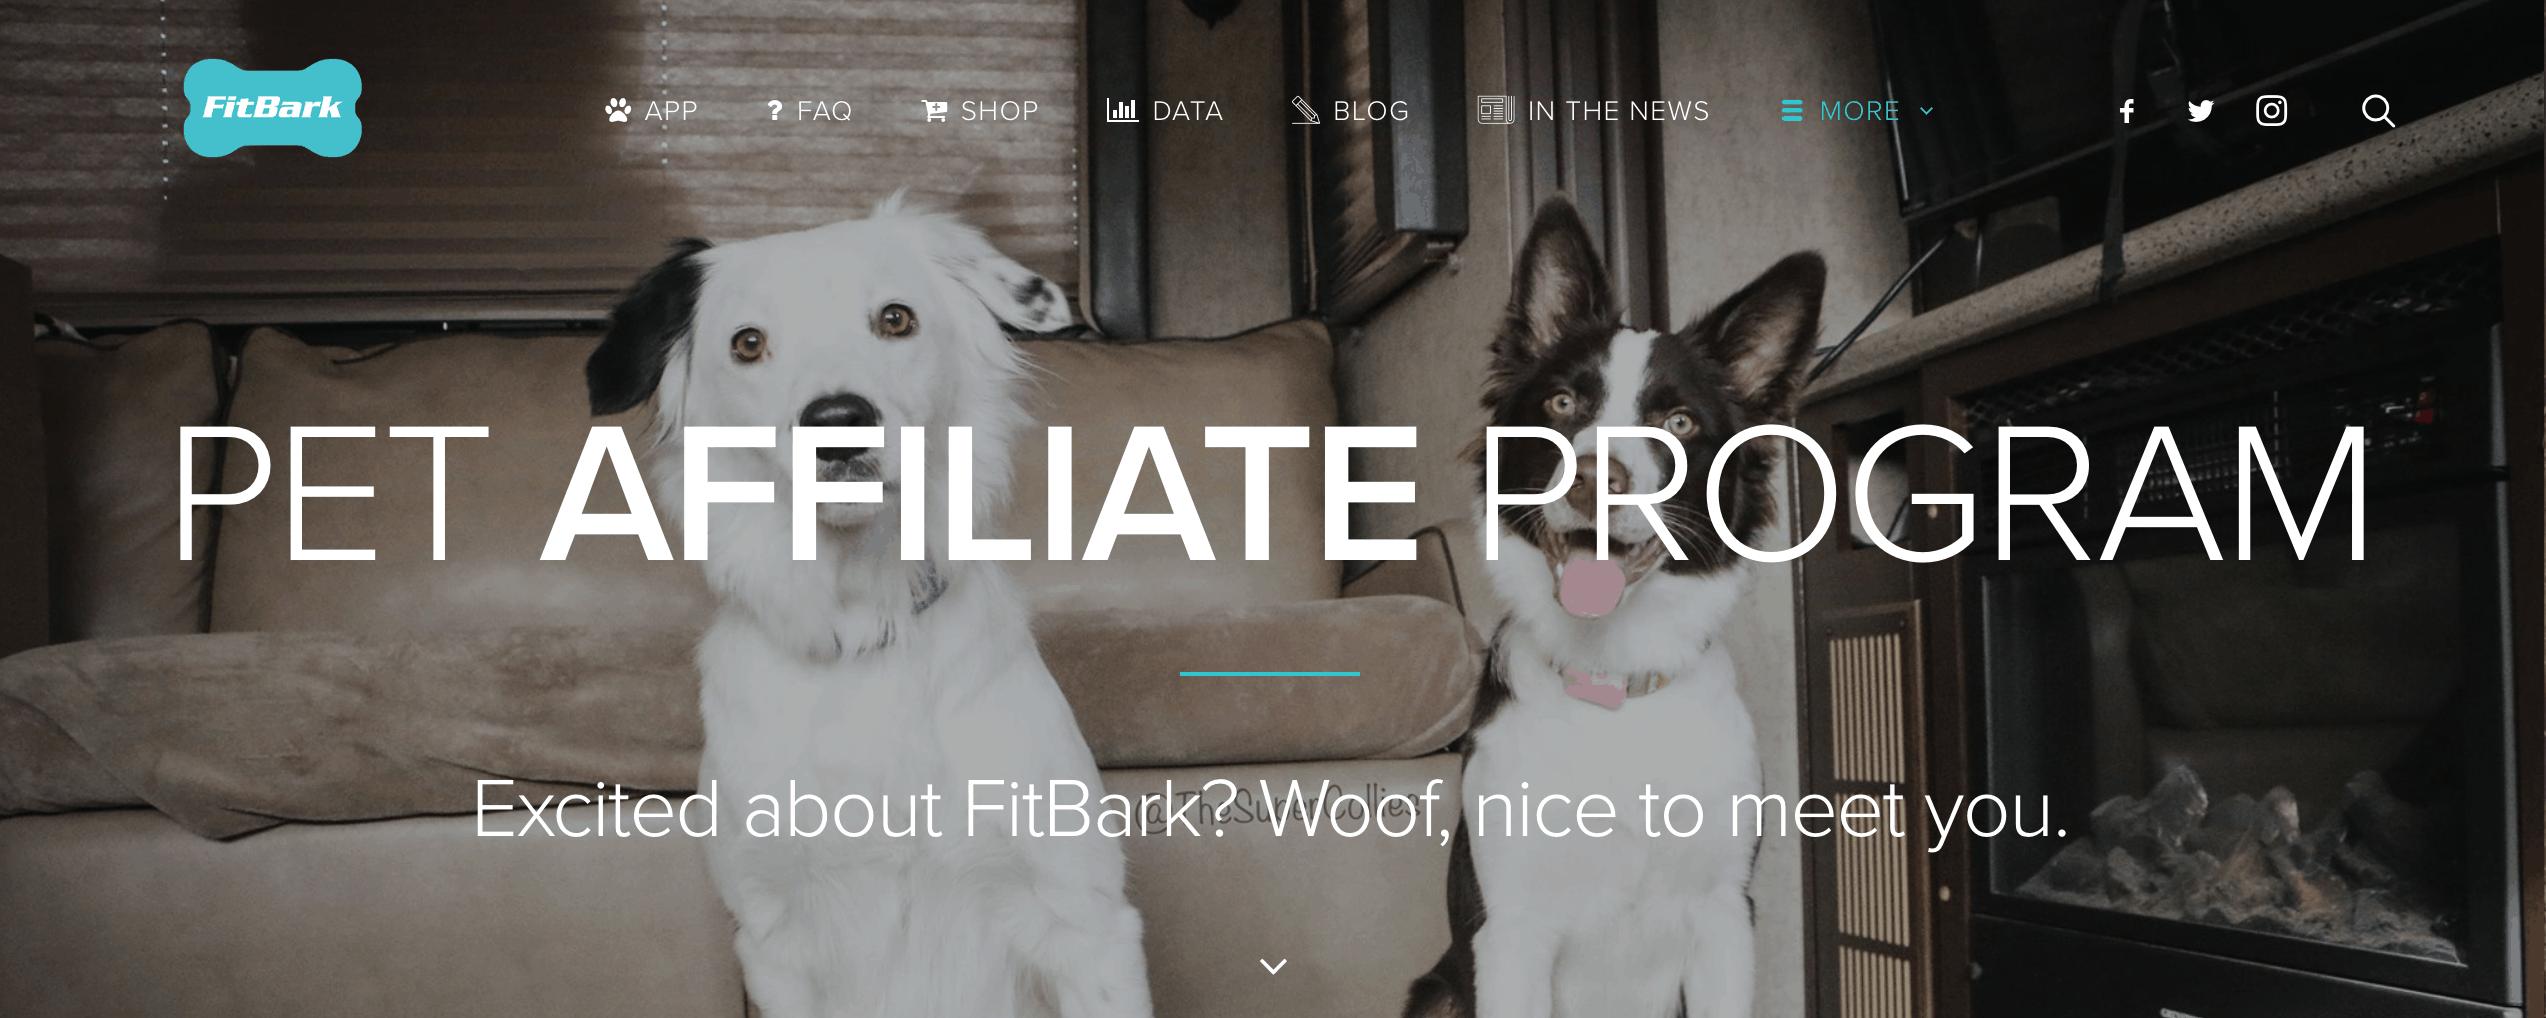 fitbark affiliate program